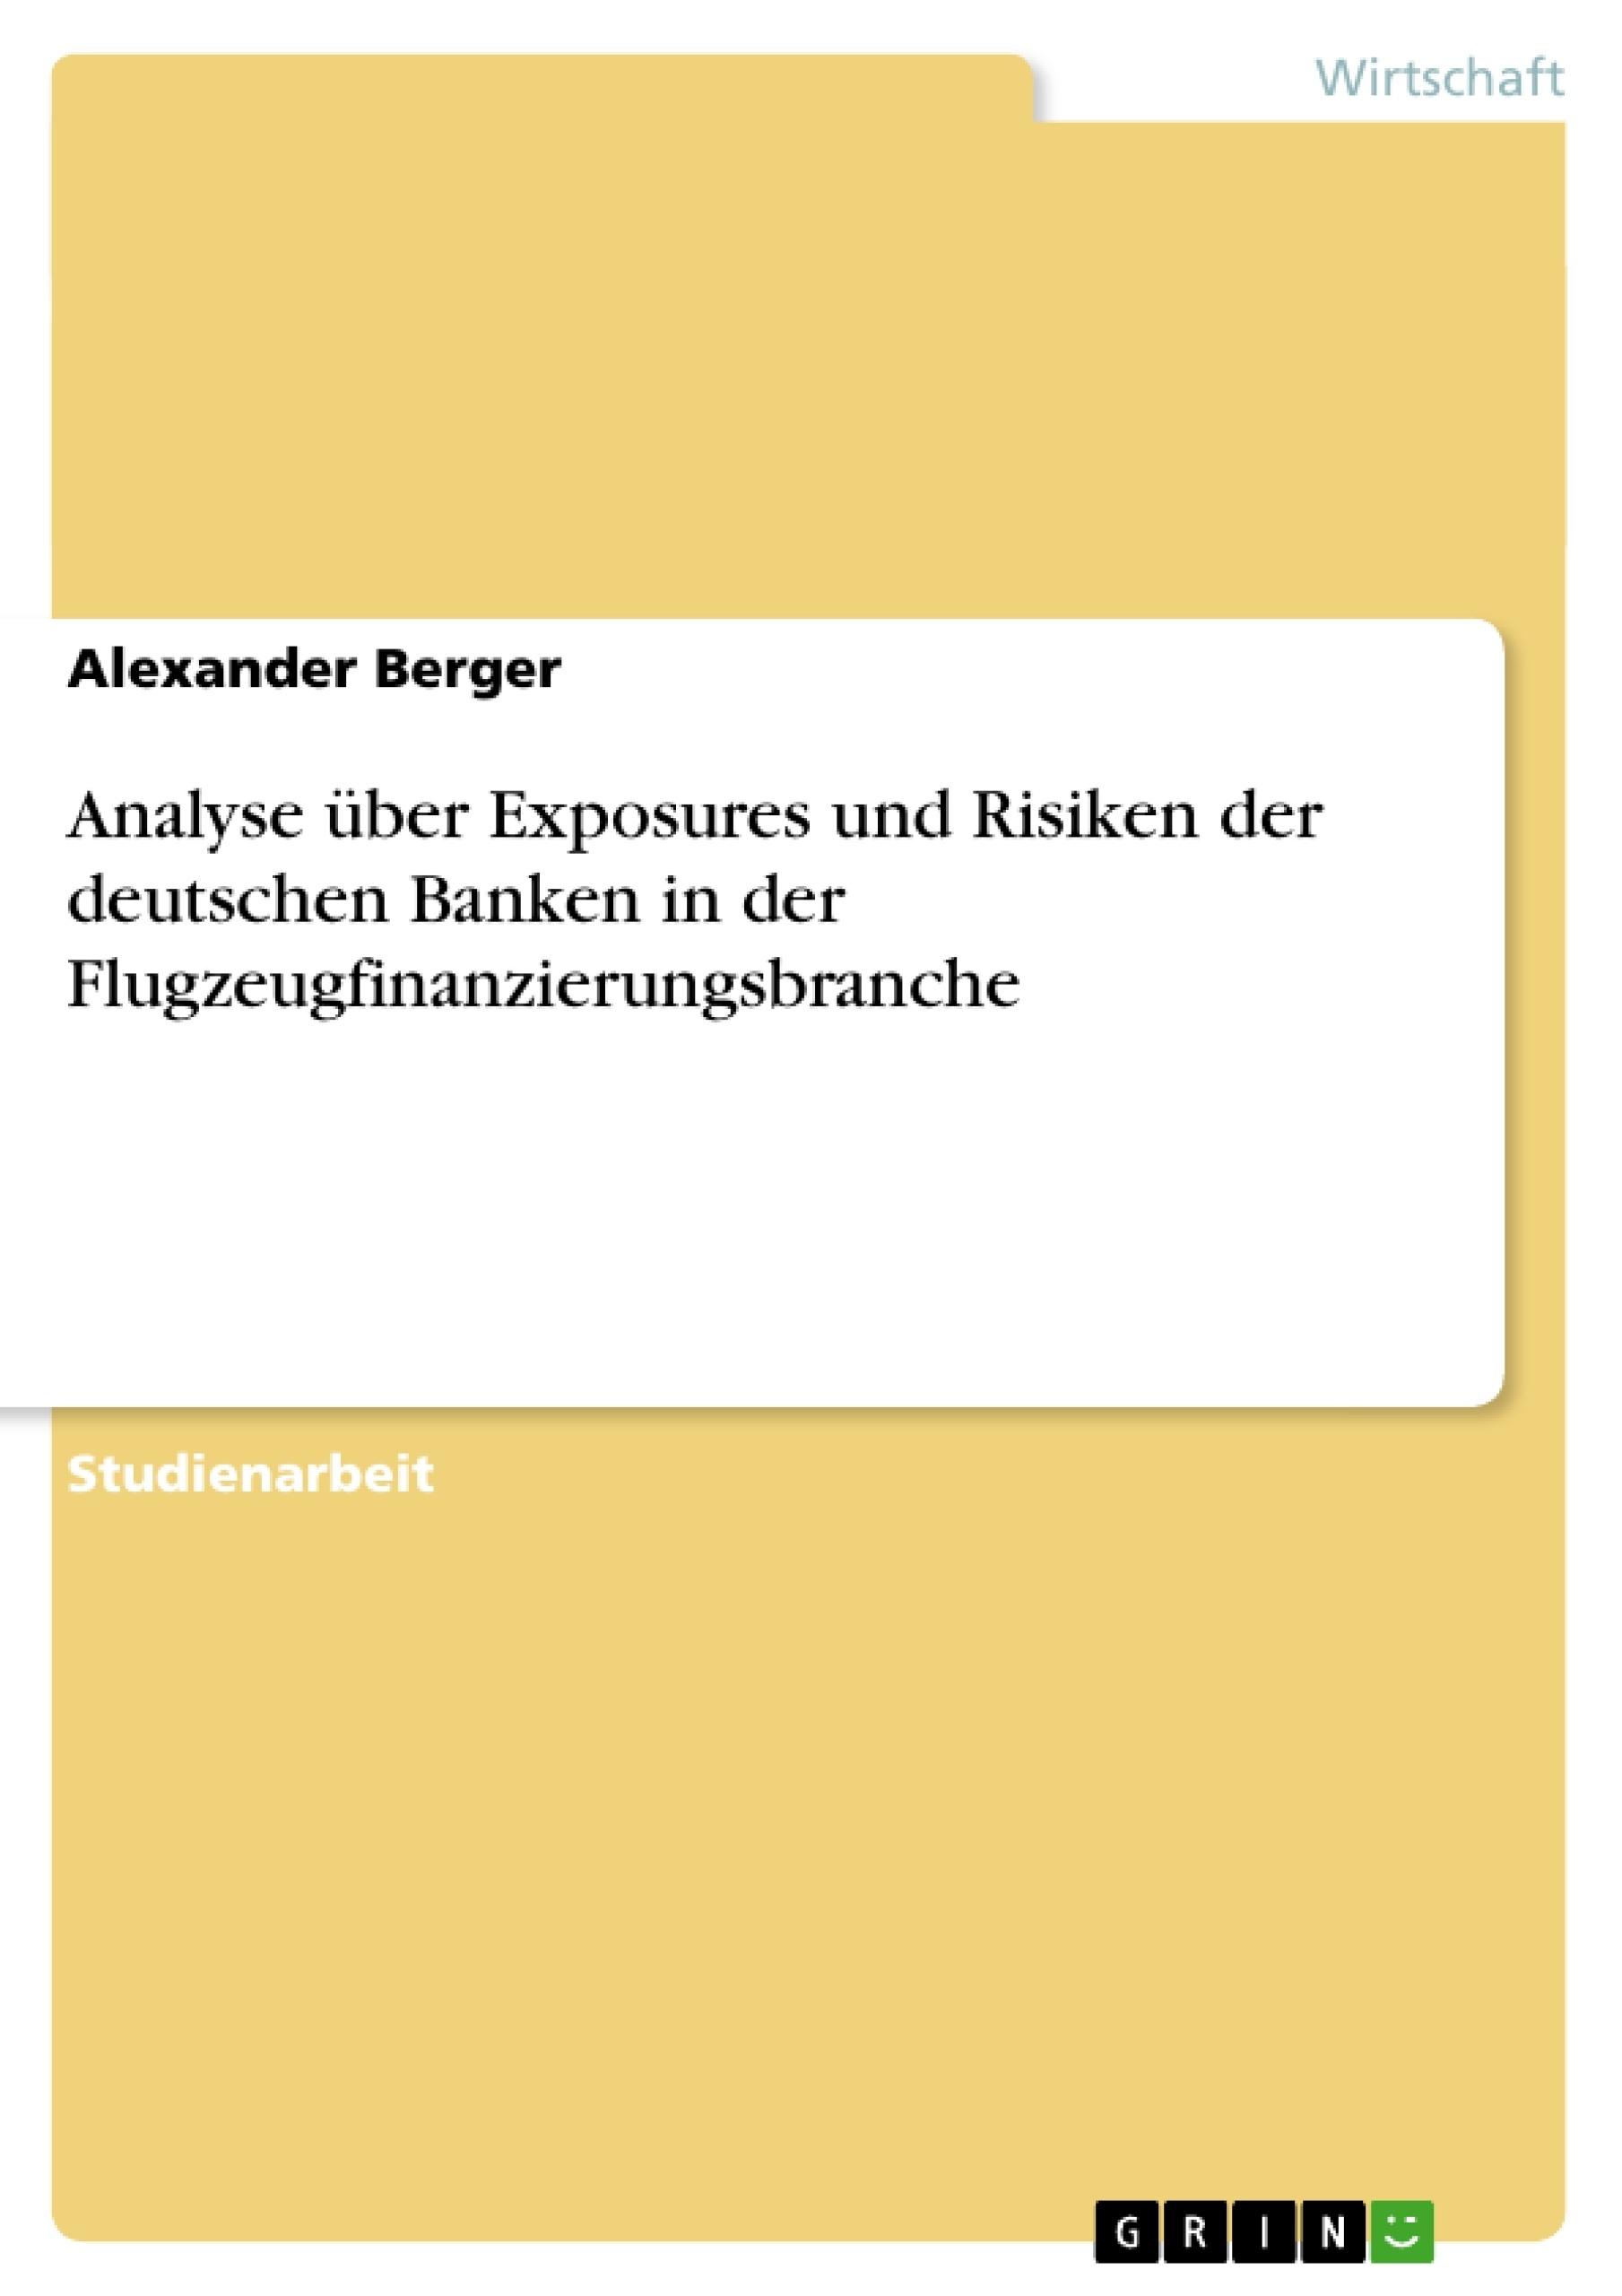 Titel: Analyse über Exposures und Risiken der deutschen Banken in der Flugzeugfinanzierungsbranche